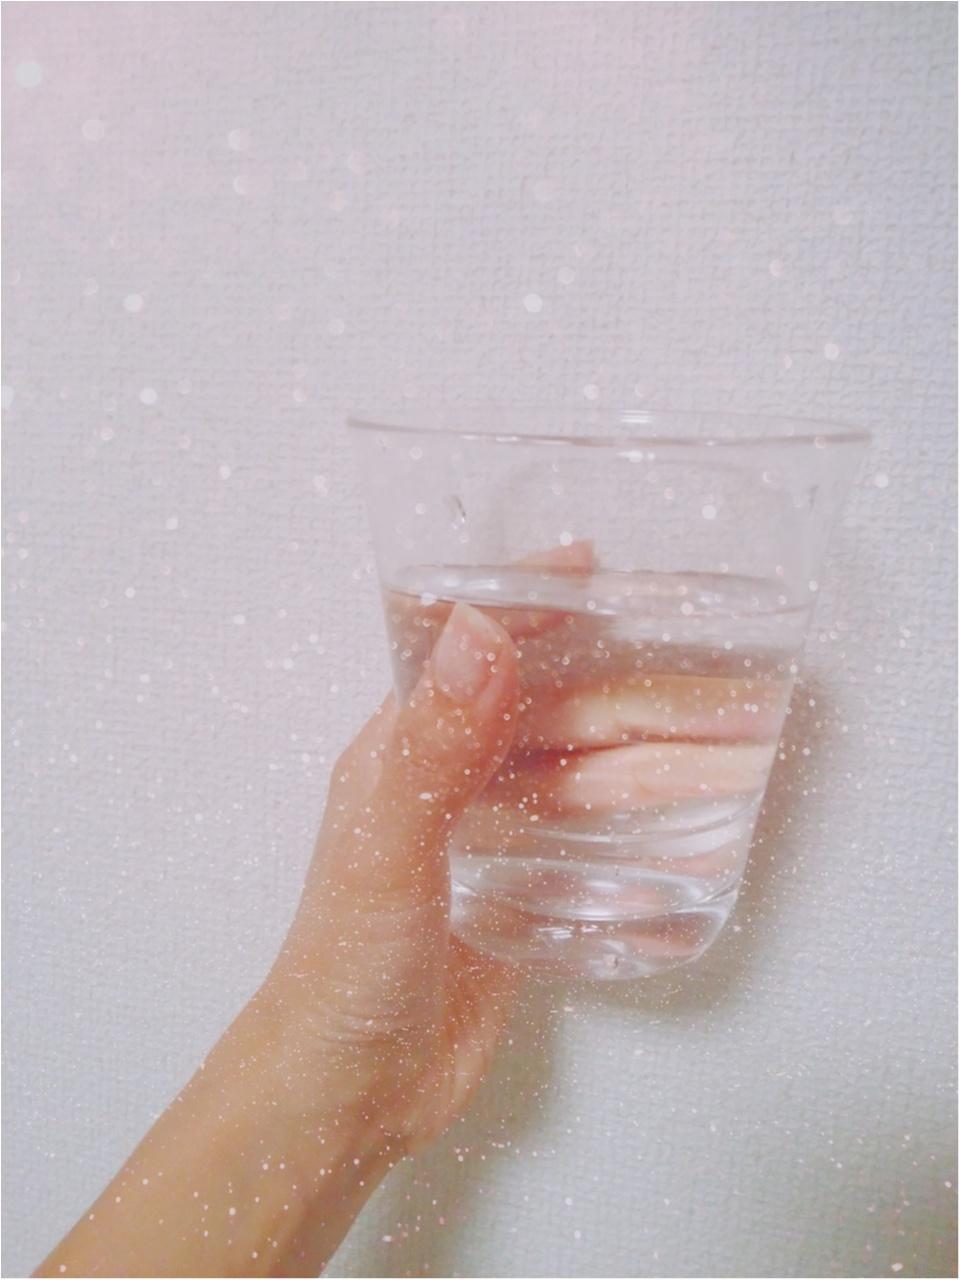 【早く知りたかった】たった1杯の水で、美肌に!0円で簡単にできる口内デトックスがすごい!_1